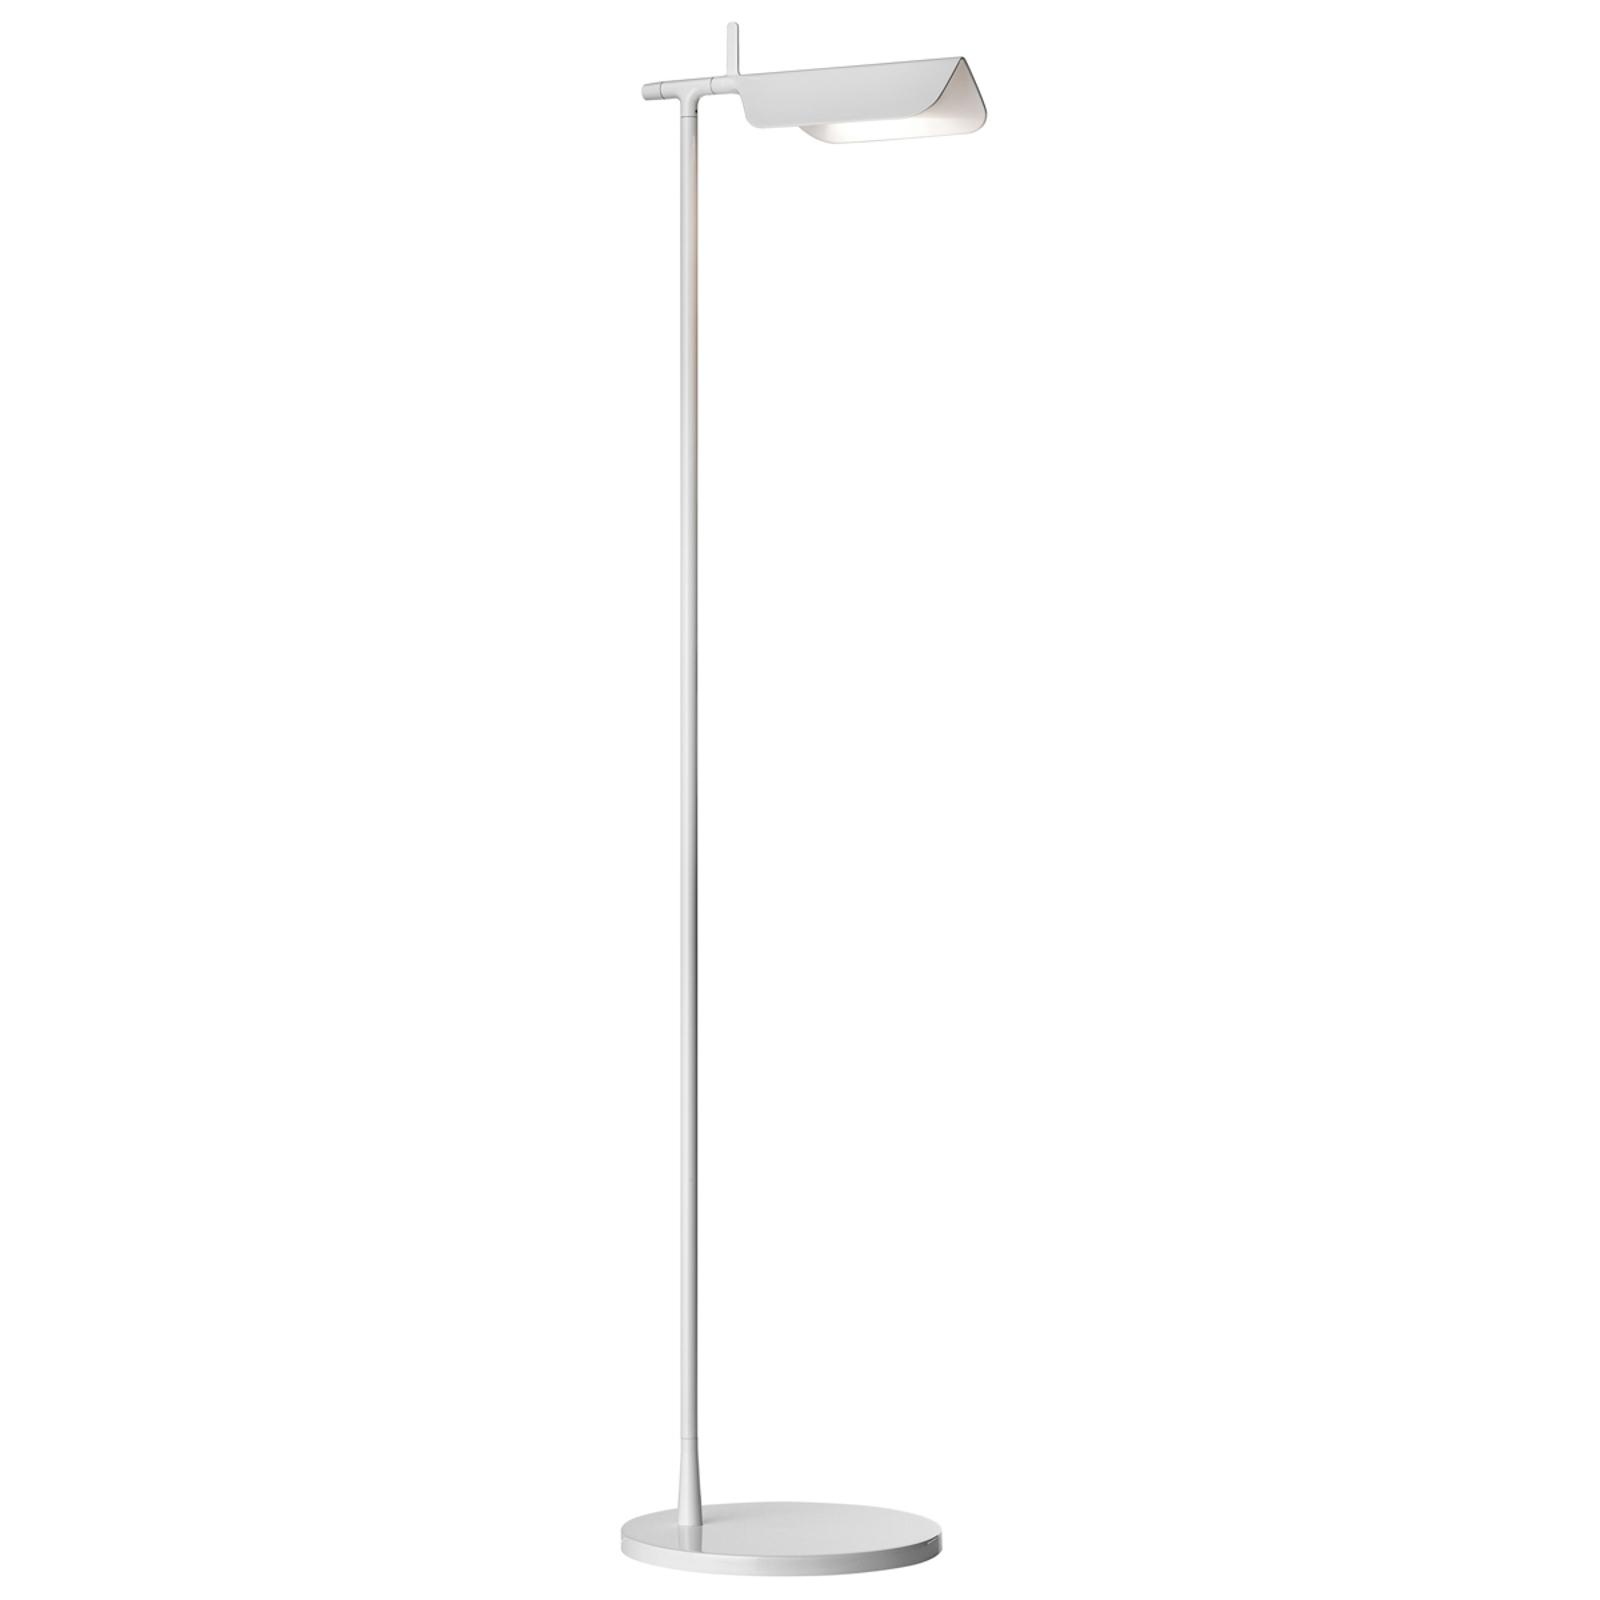 Puristinen TAB LED F -lattiavalaisin, valkoinen